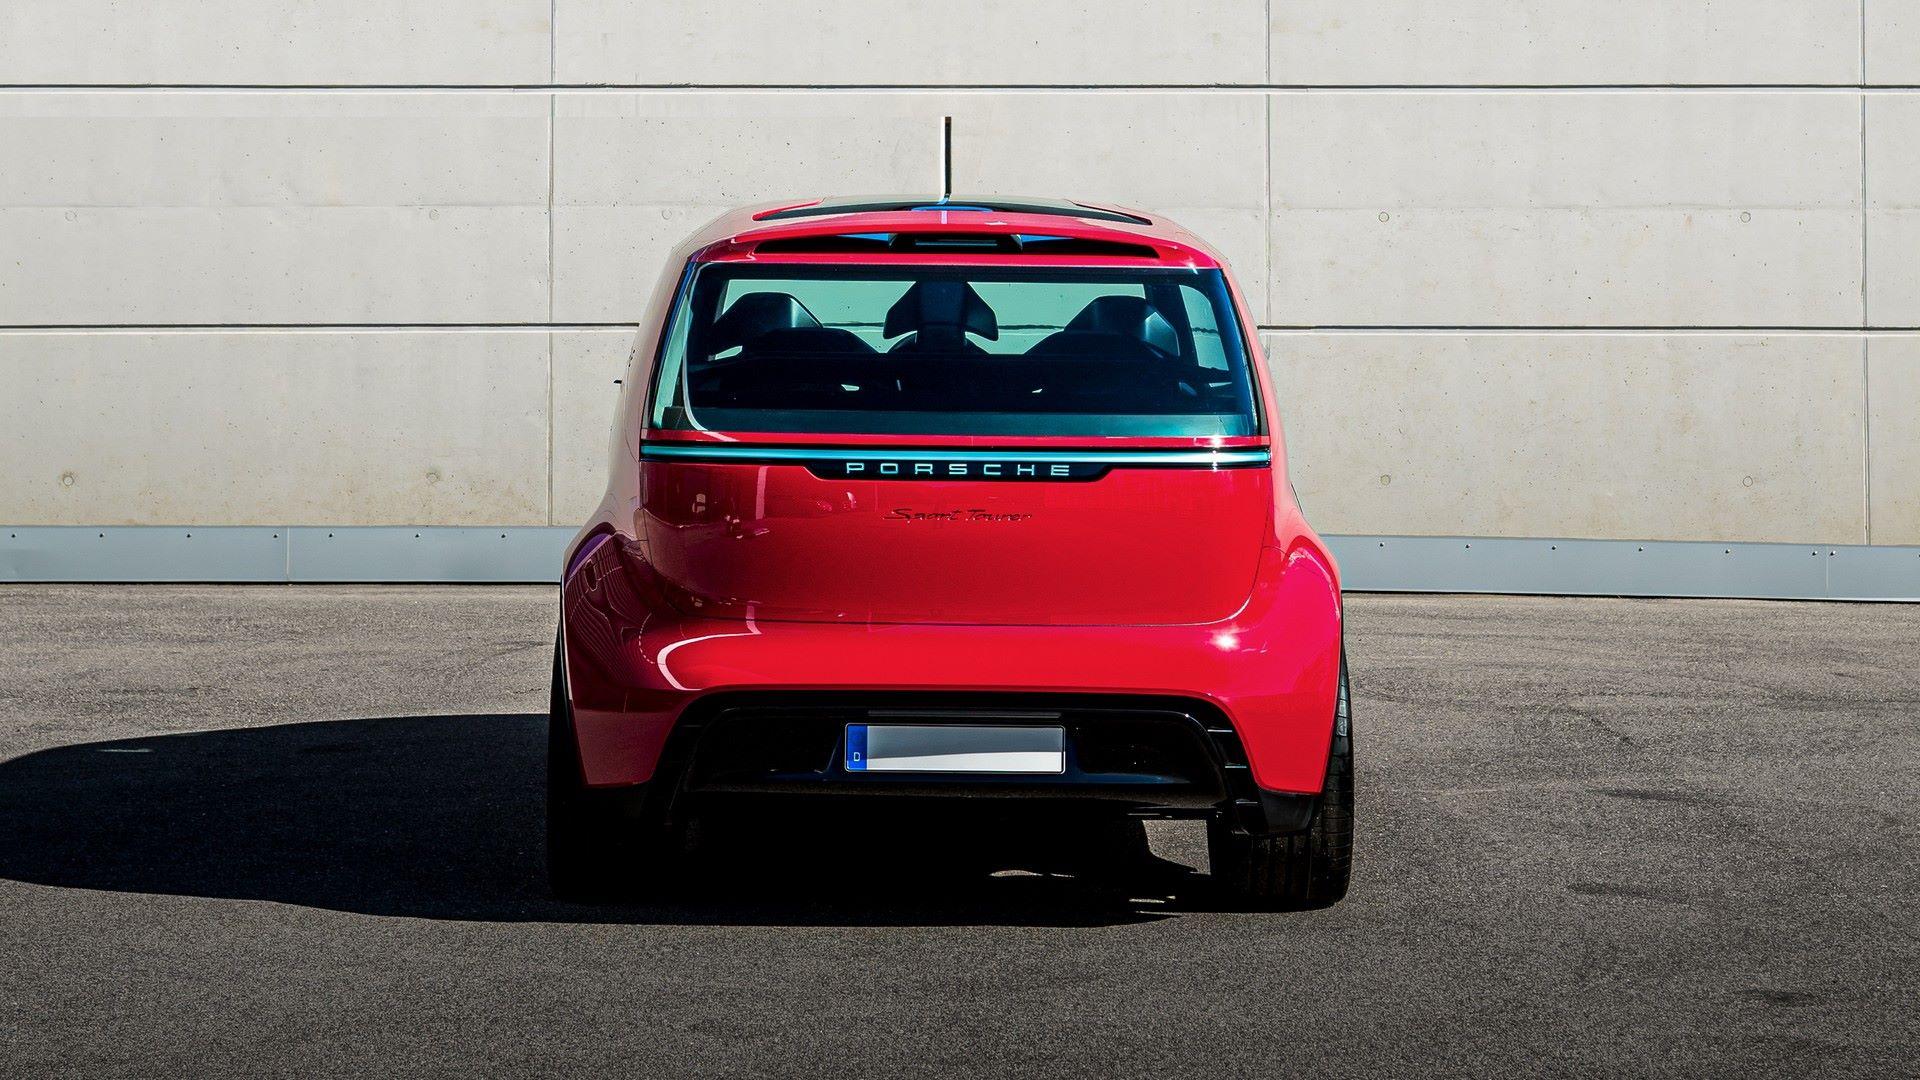 Porsche-Vision-Renndienst-4